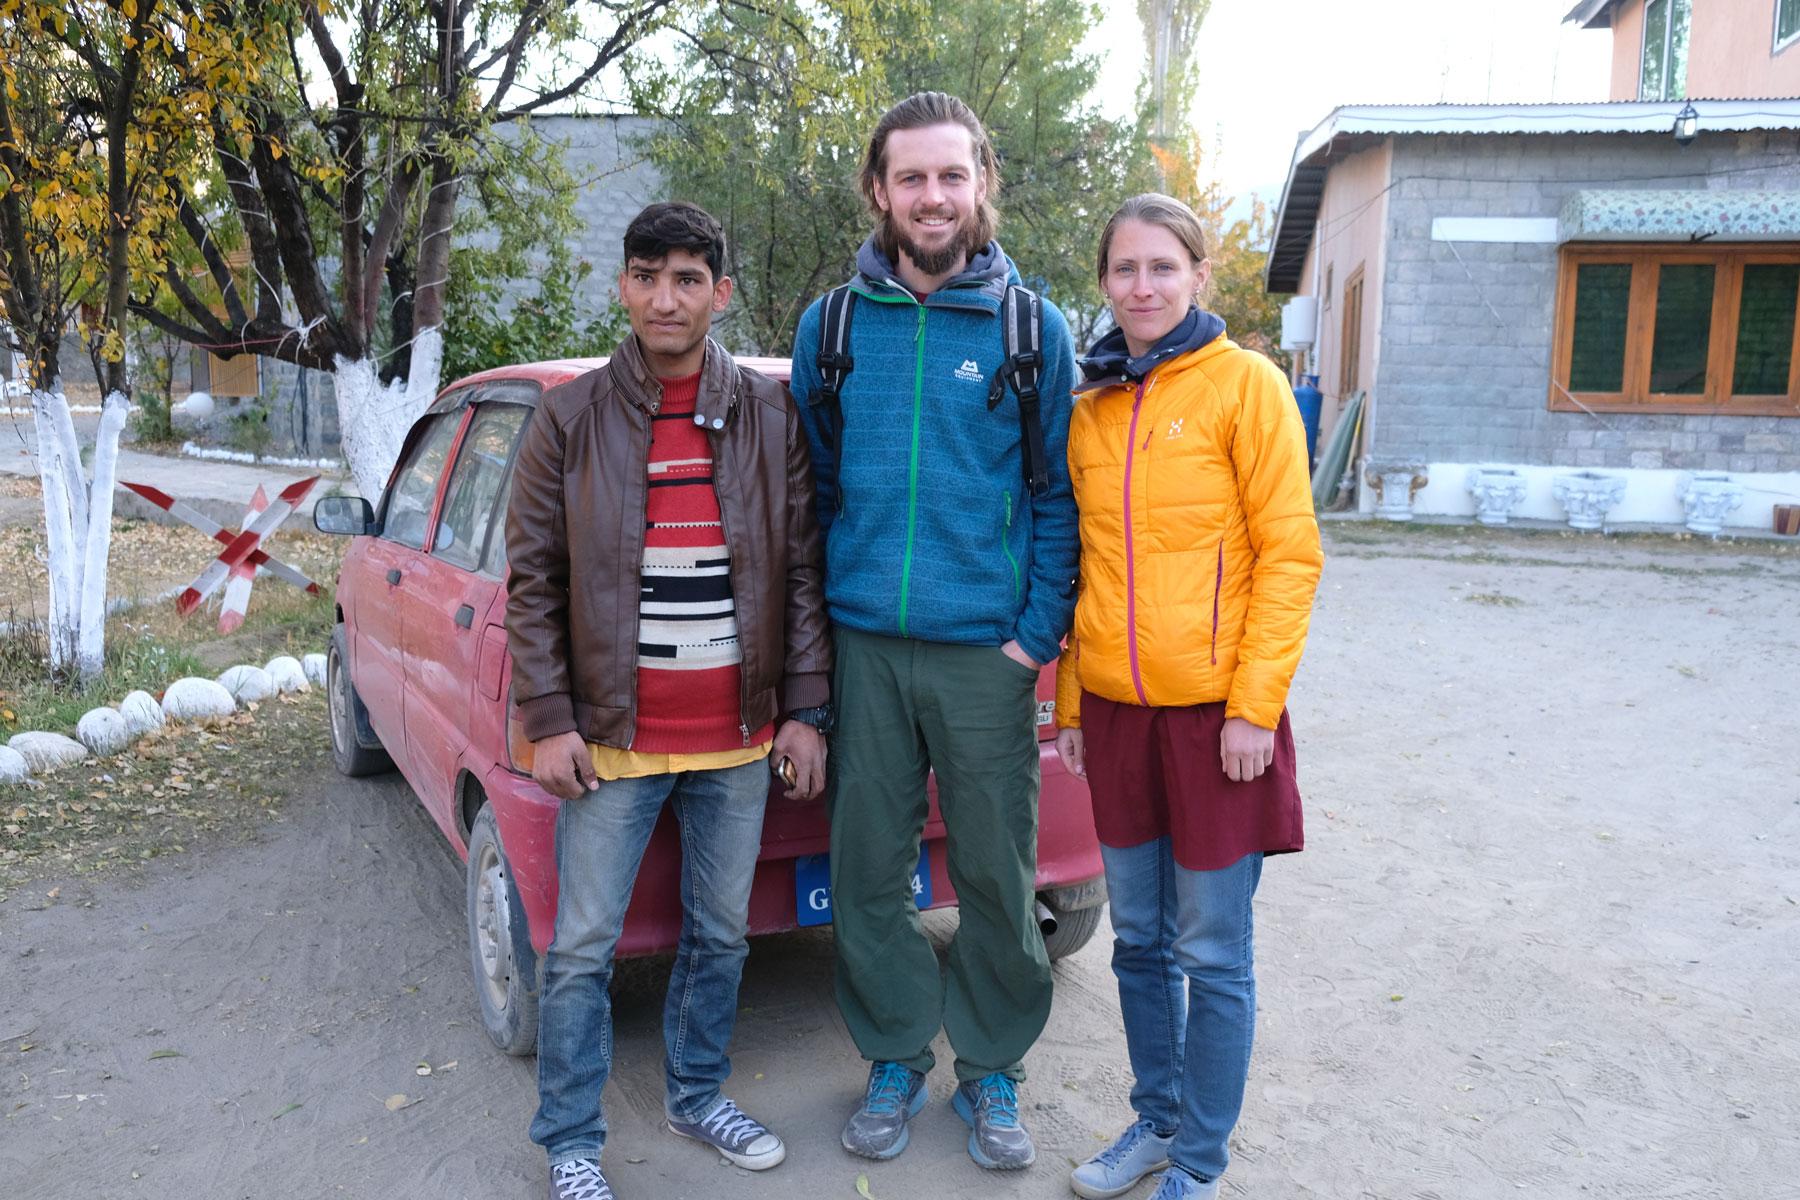 Sebastian und Leo stehen neben einem jungen Pakistaner.